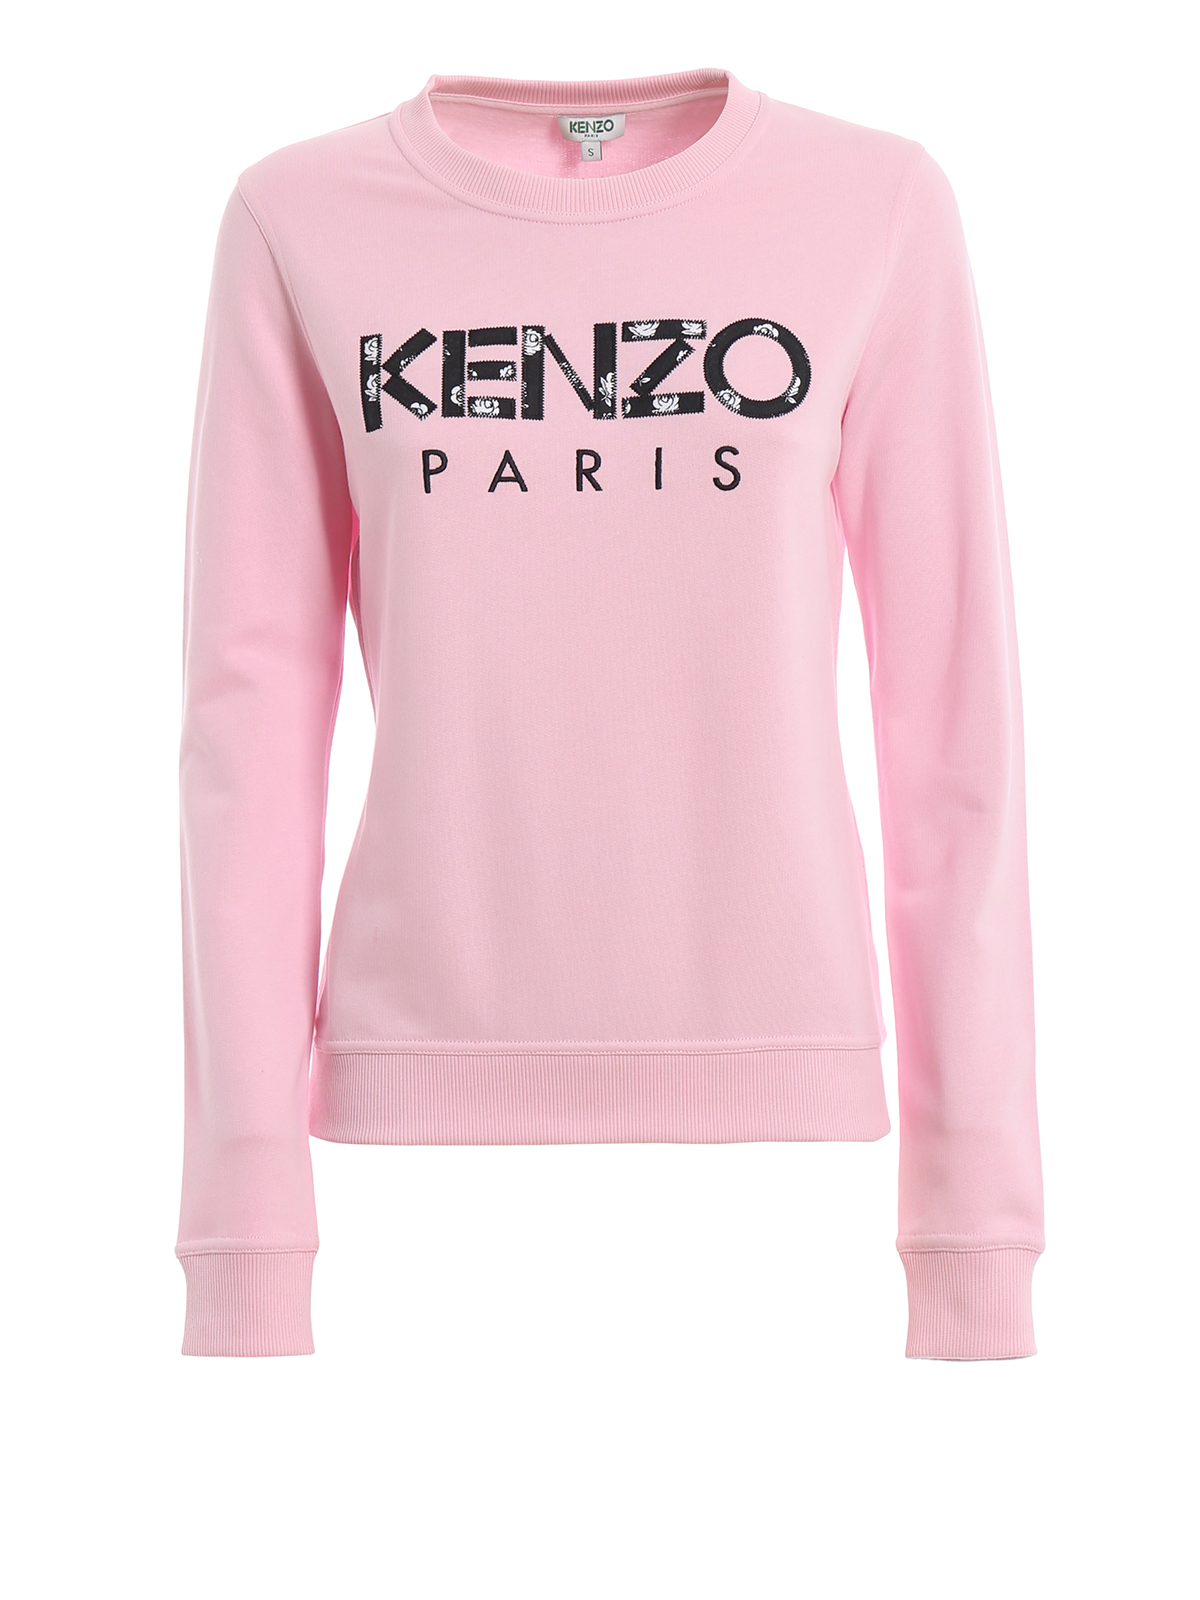 suche nach original besserer Preis für neue auswahl Kenzo - Sweatshirt - Rosa - Sweatshirts und Pullover ...